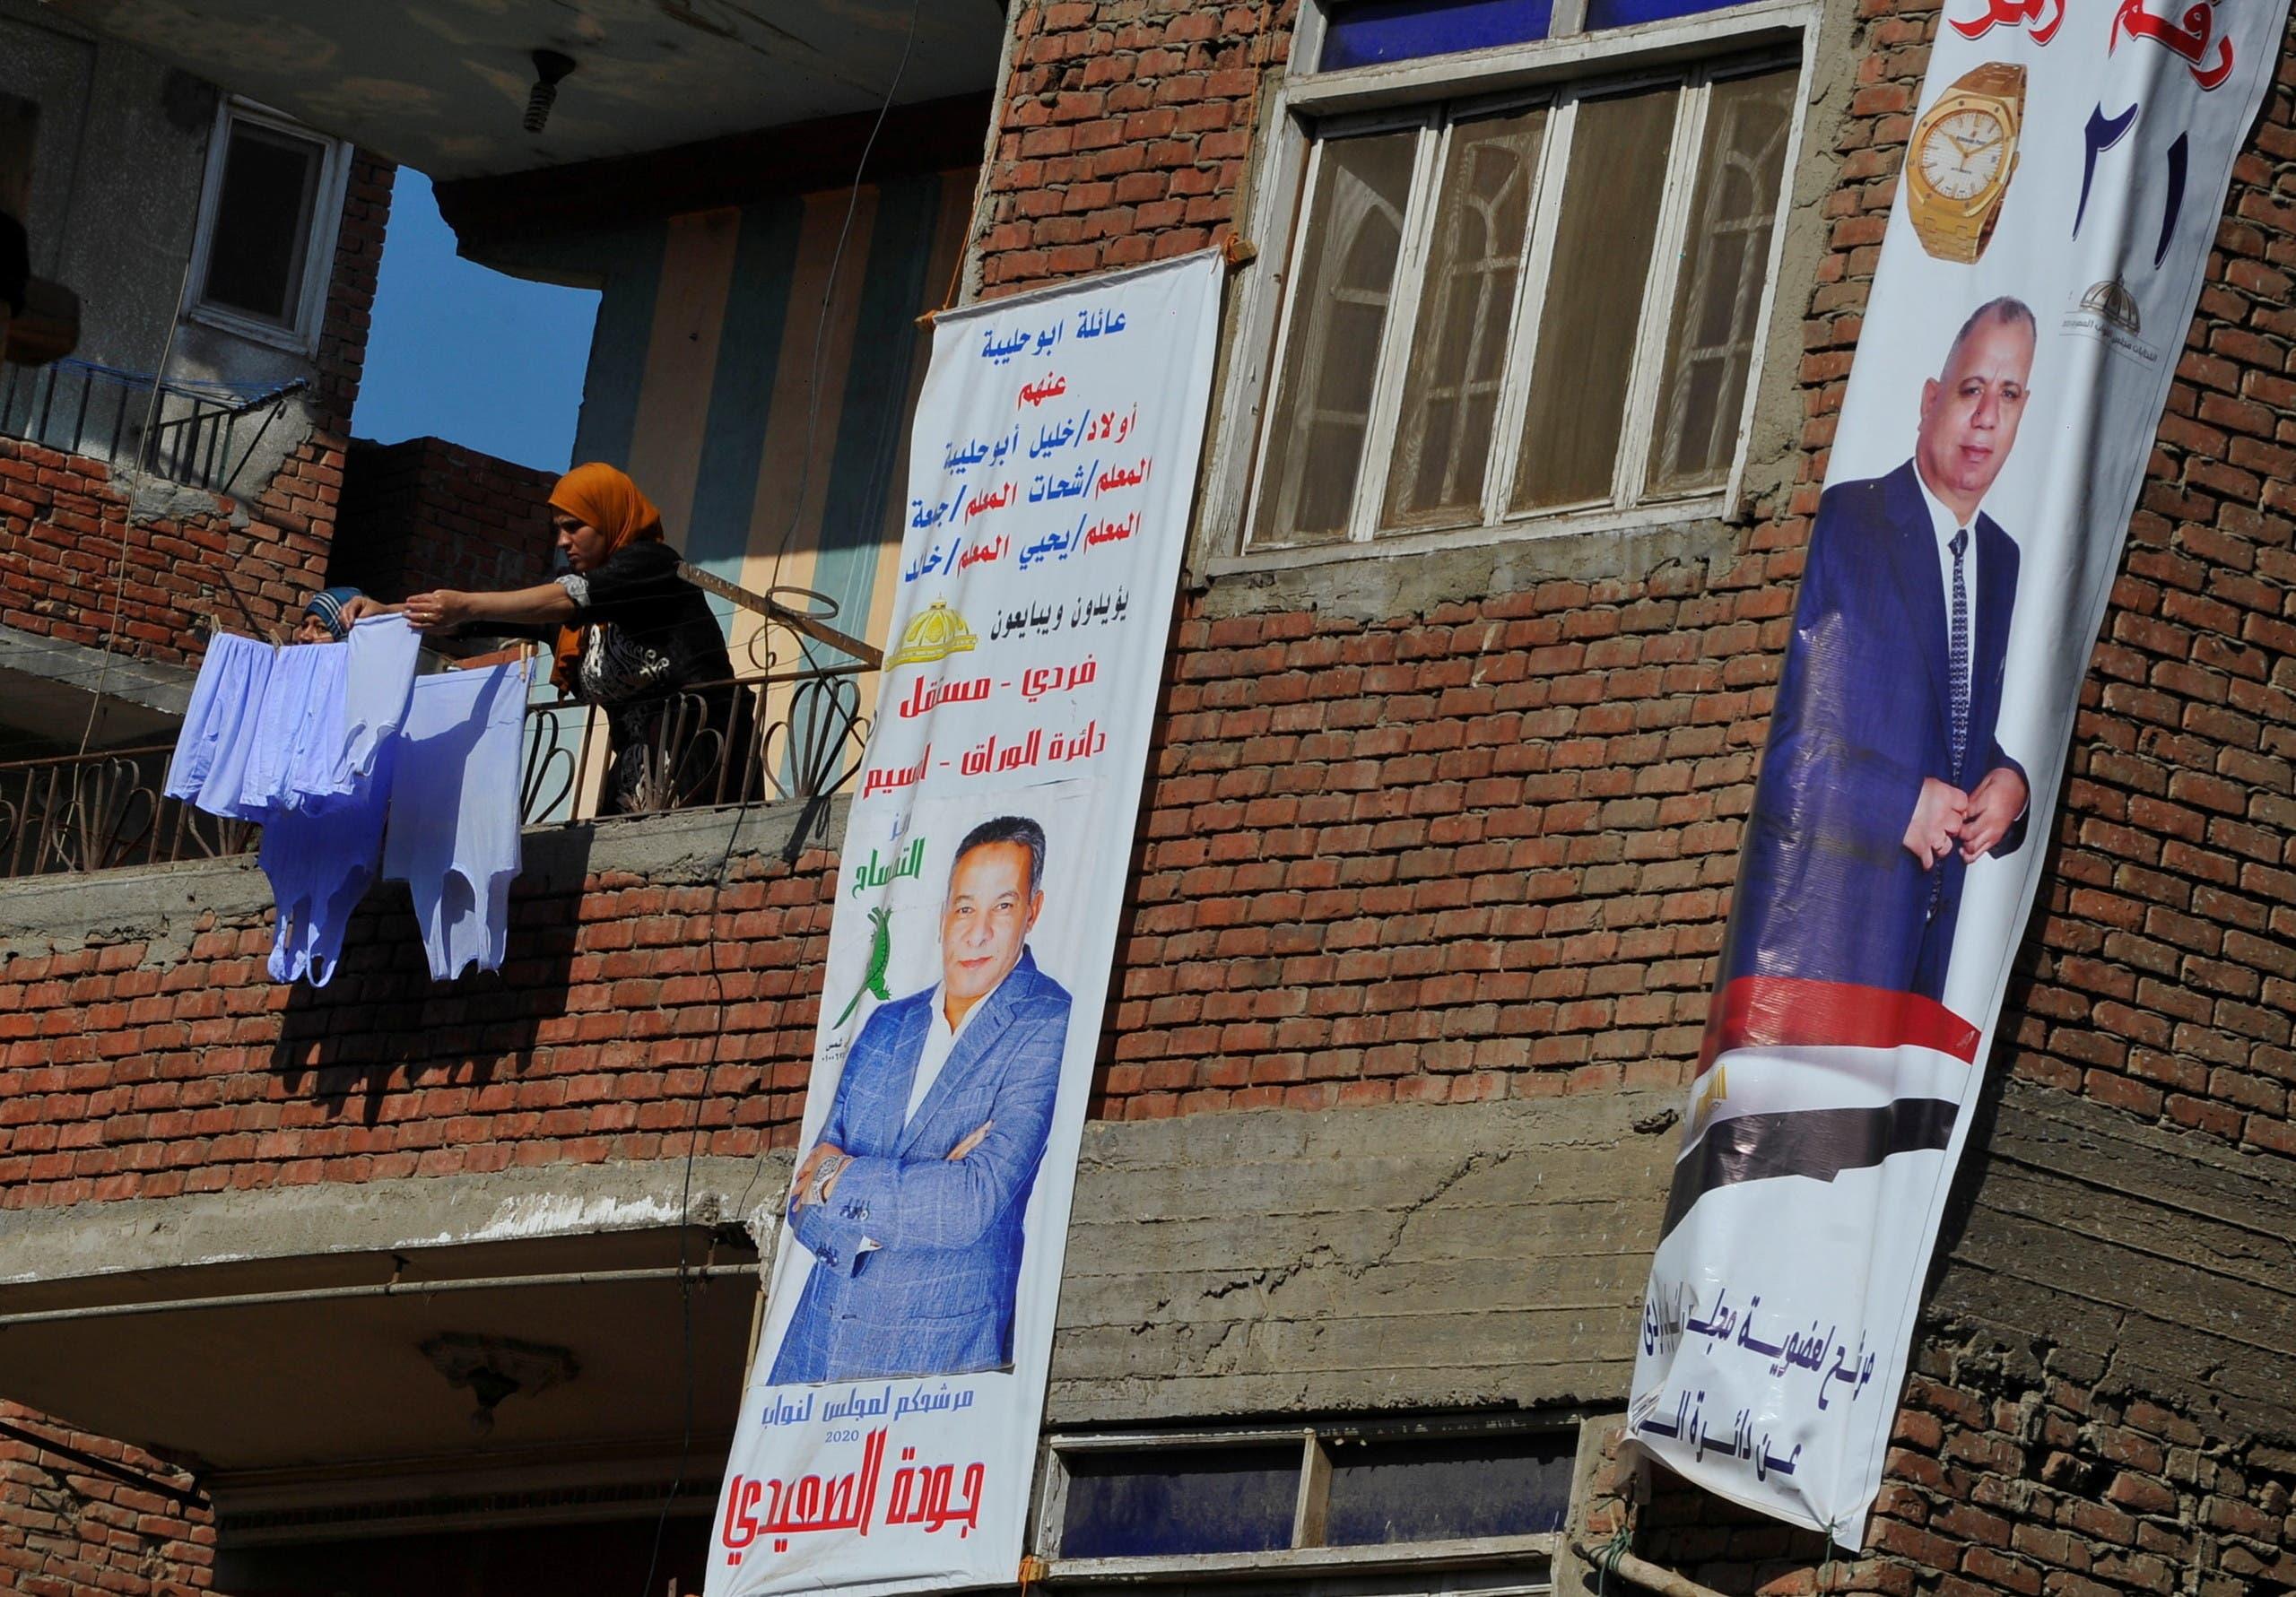 لافتات دعائية لبعض المرشحين